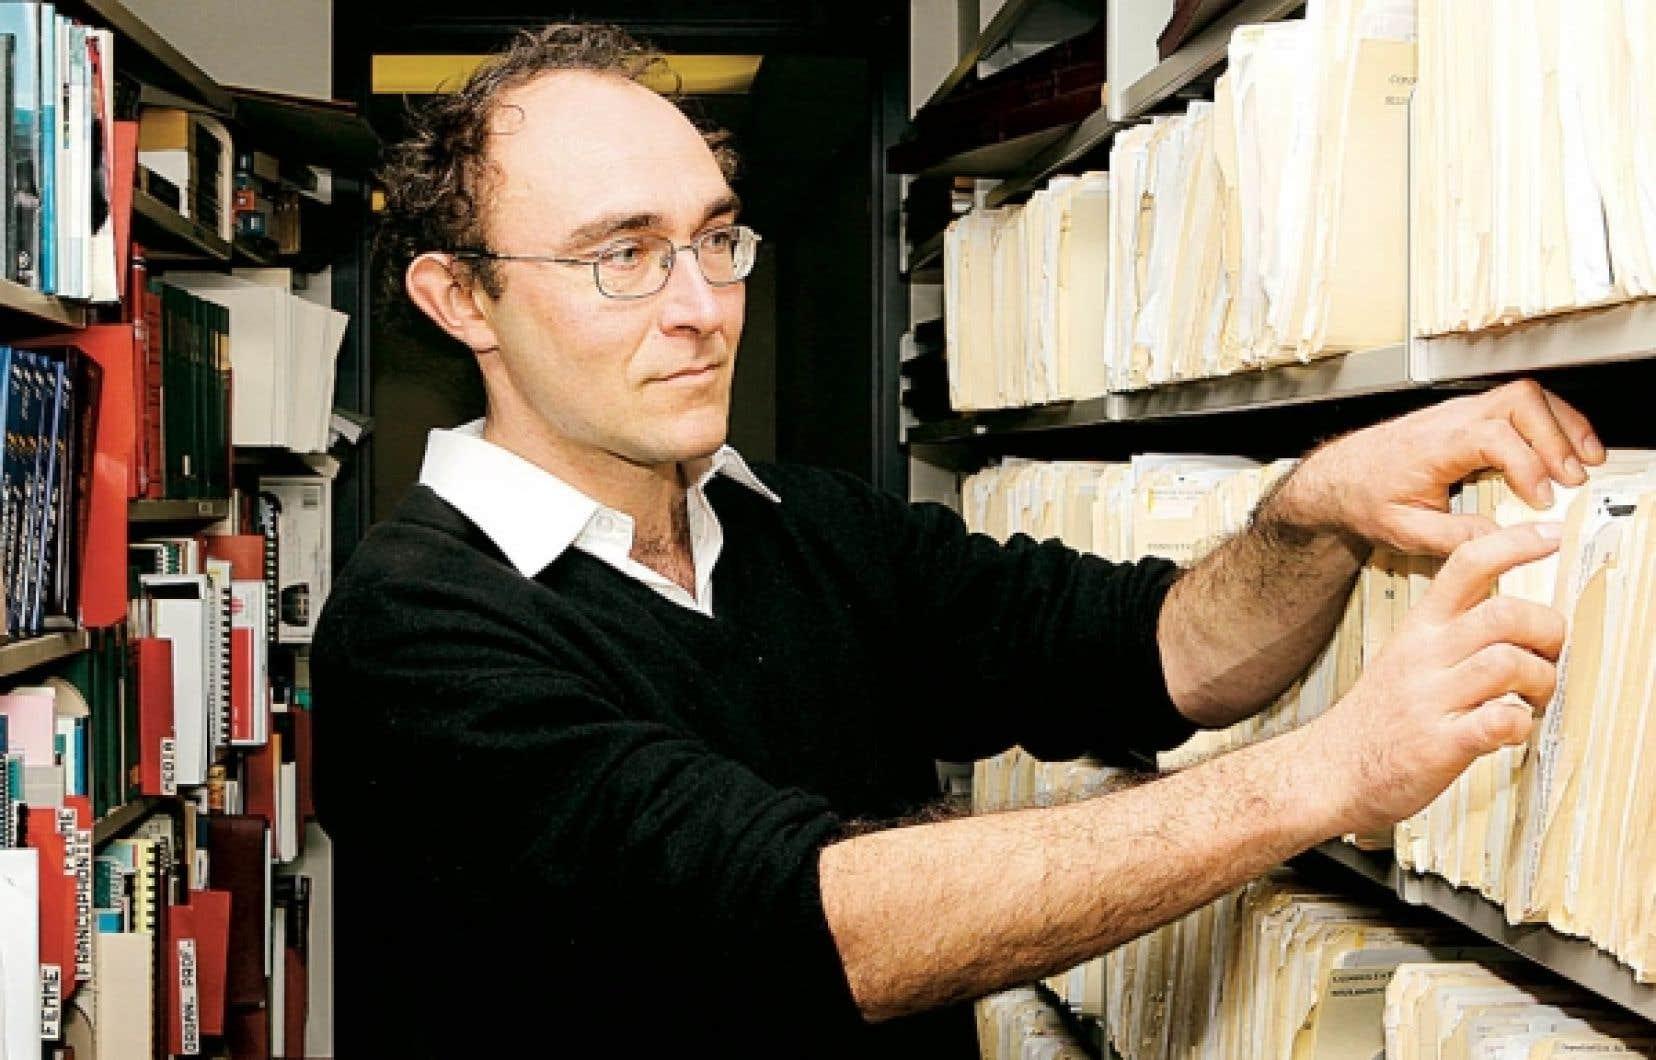 Le journaliste français Nicolas Chevassus-au-Louis